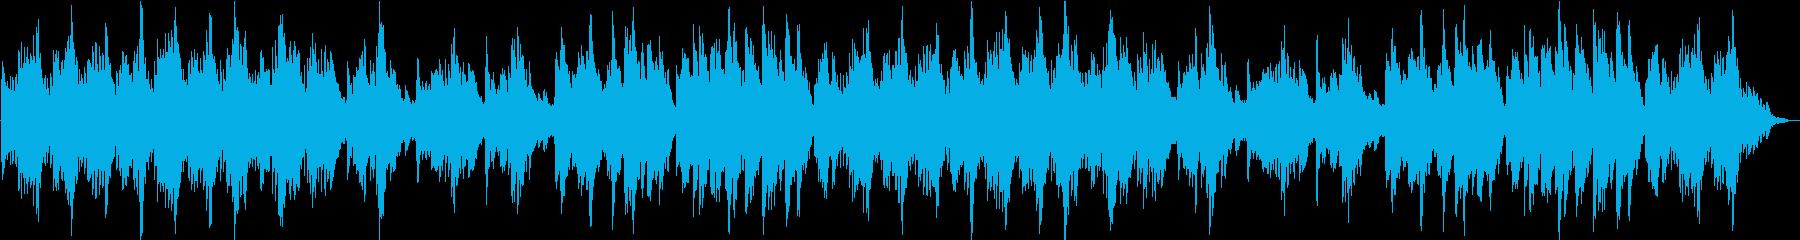 不思議で浮遊感のあるダークメルヘン曲の再生済みの波形